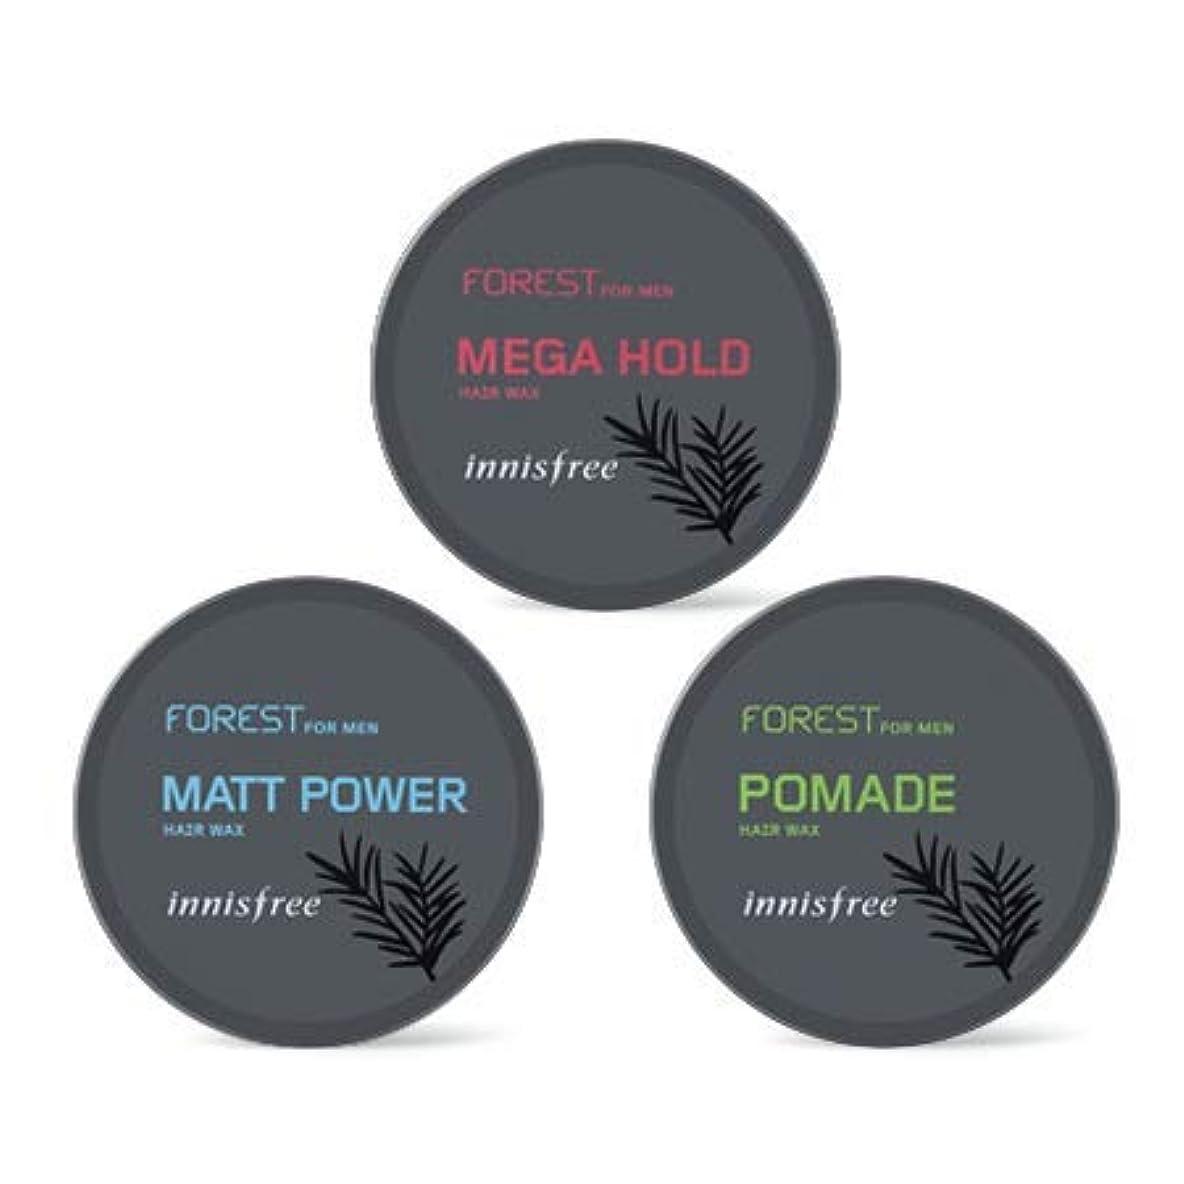 よろめく花瓶注意[イニスフリー.INNISFREE](公式)フォレストフォアマンヘアワックス(3種)/ Forest For Men Hair Wax(60G、3 kind) (# mega hold)